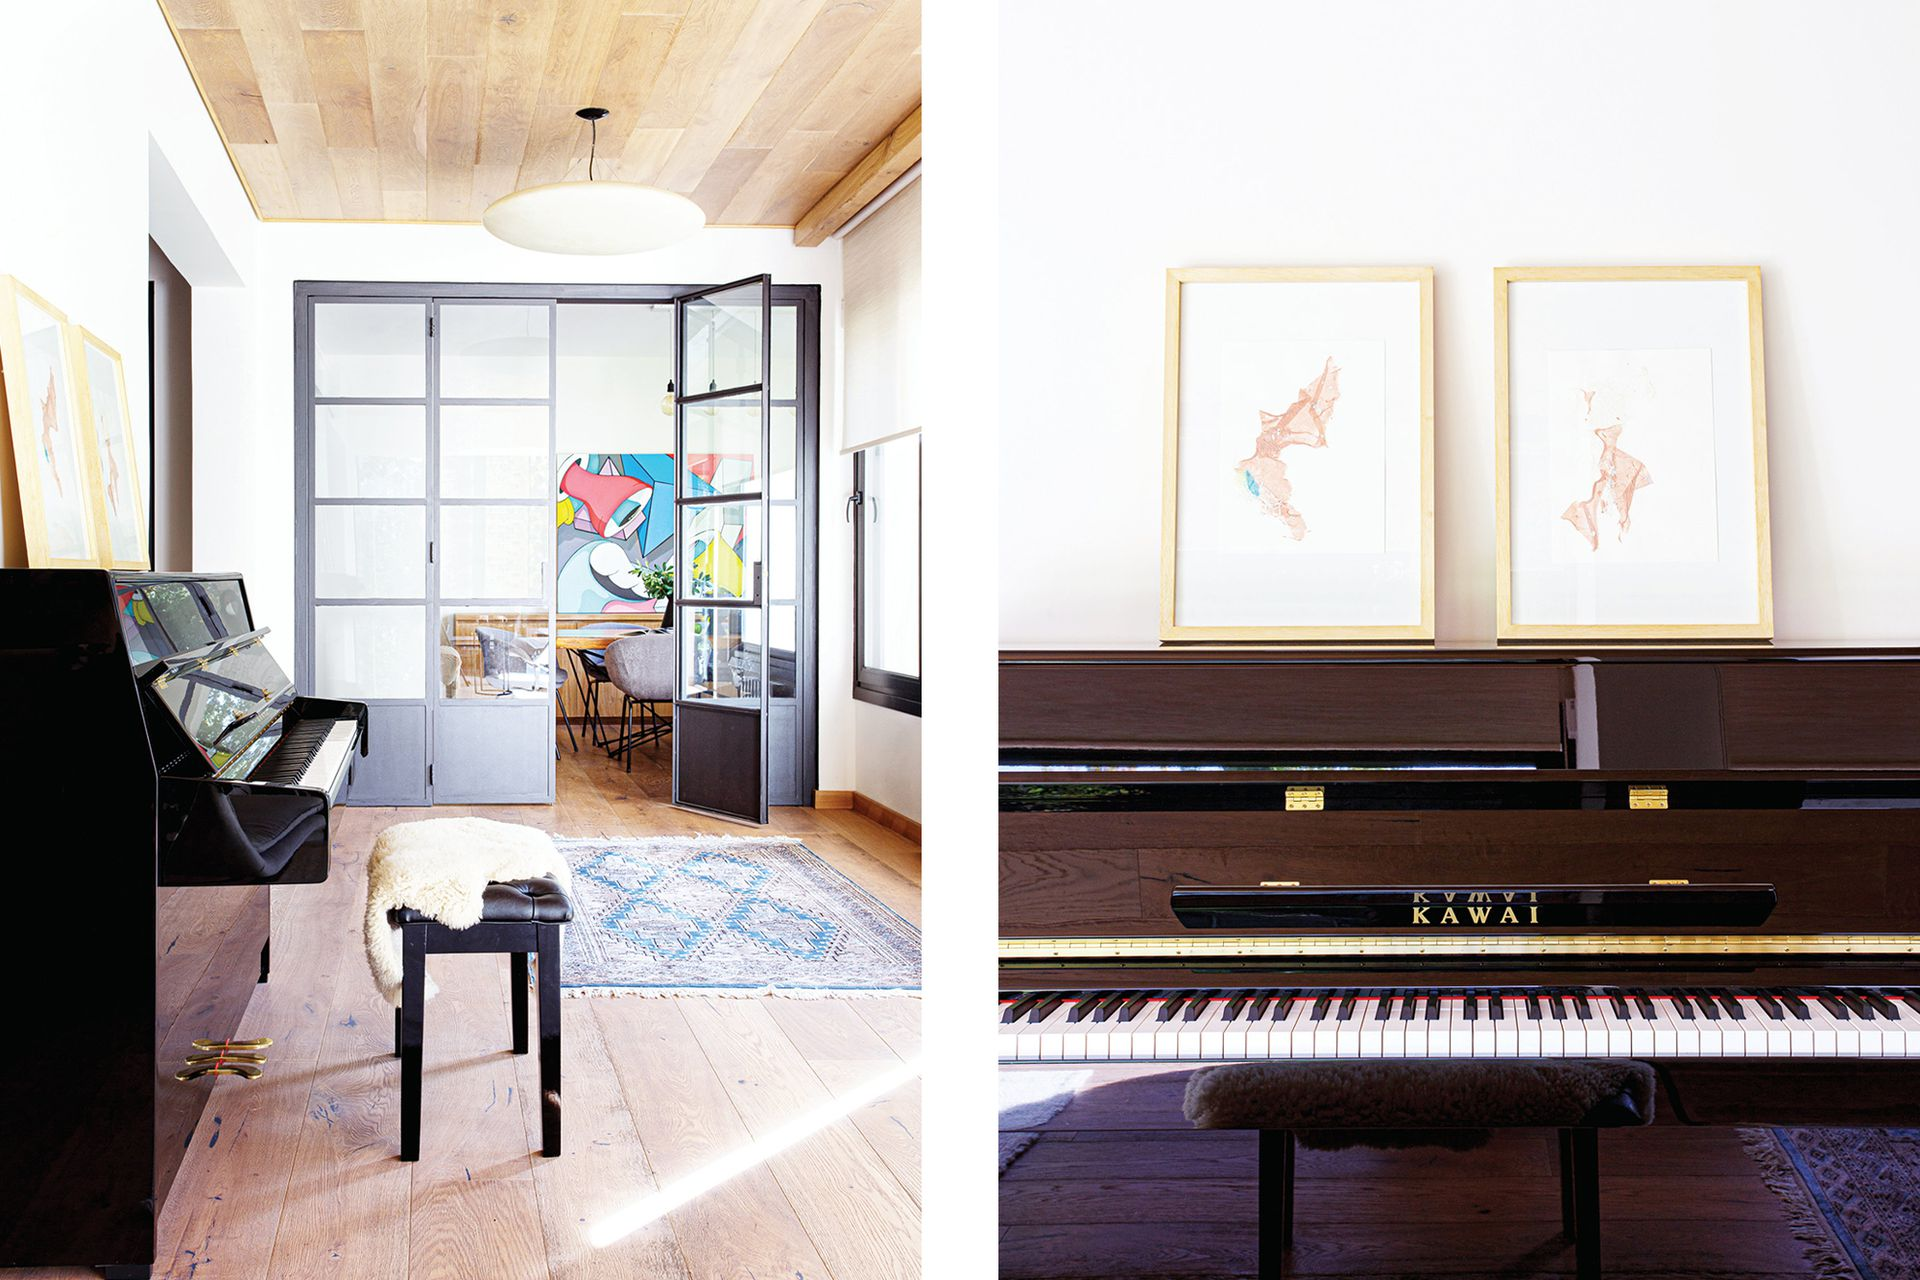 Sobre el piano, obras de la serie 'Suite Miami', de Laura Saint-Agne.